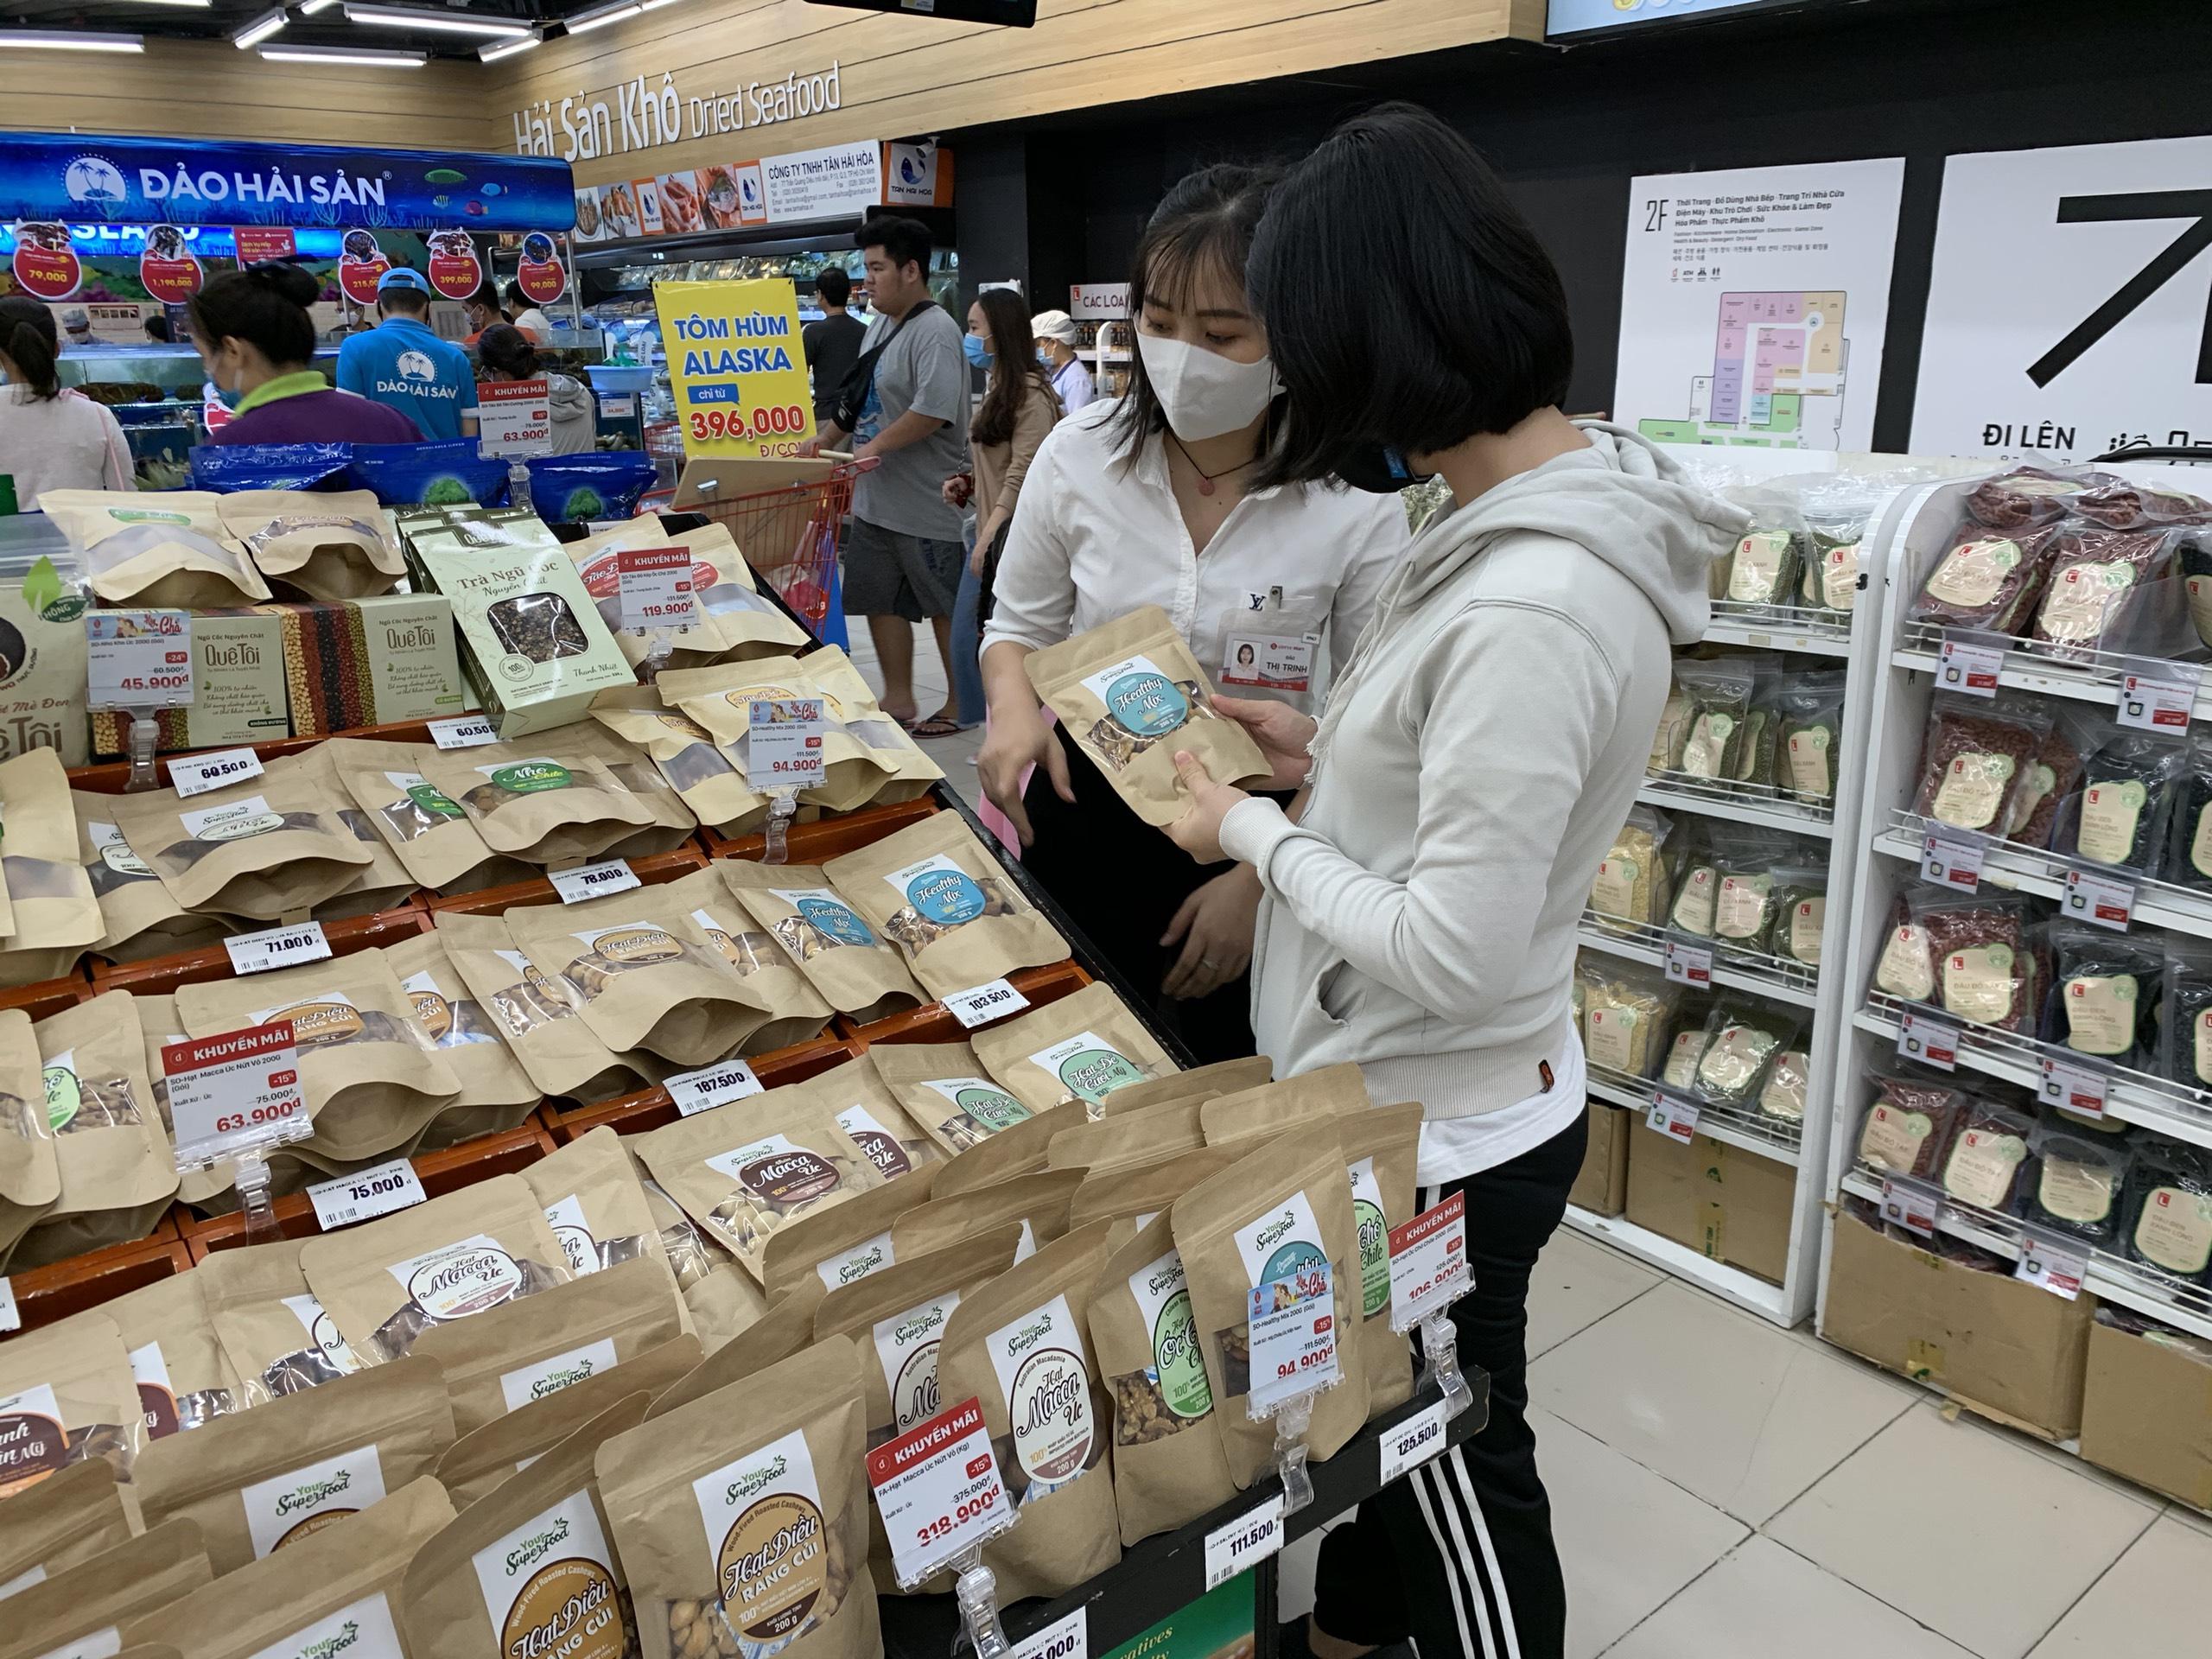 Phan Đăng cho thuê PG siêu thị, nhiều về số lượng, chuẩn bị tri thức, chuyên môn